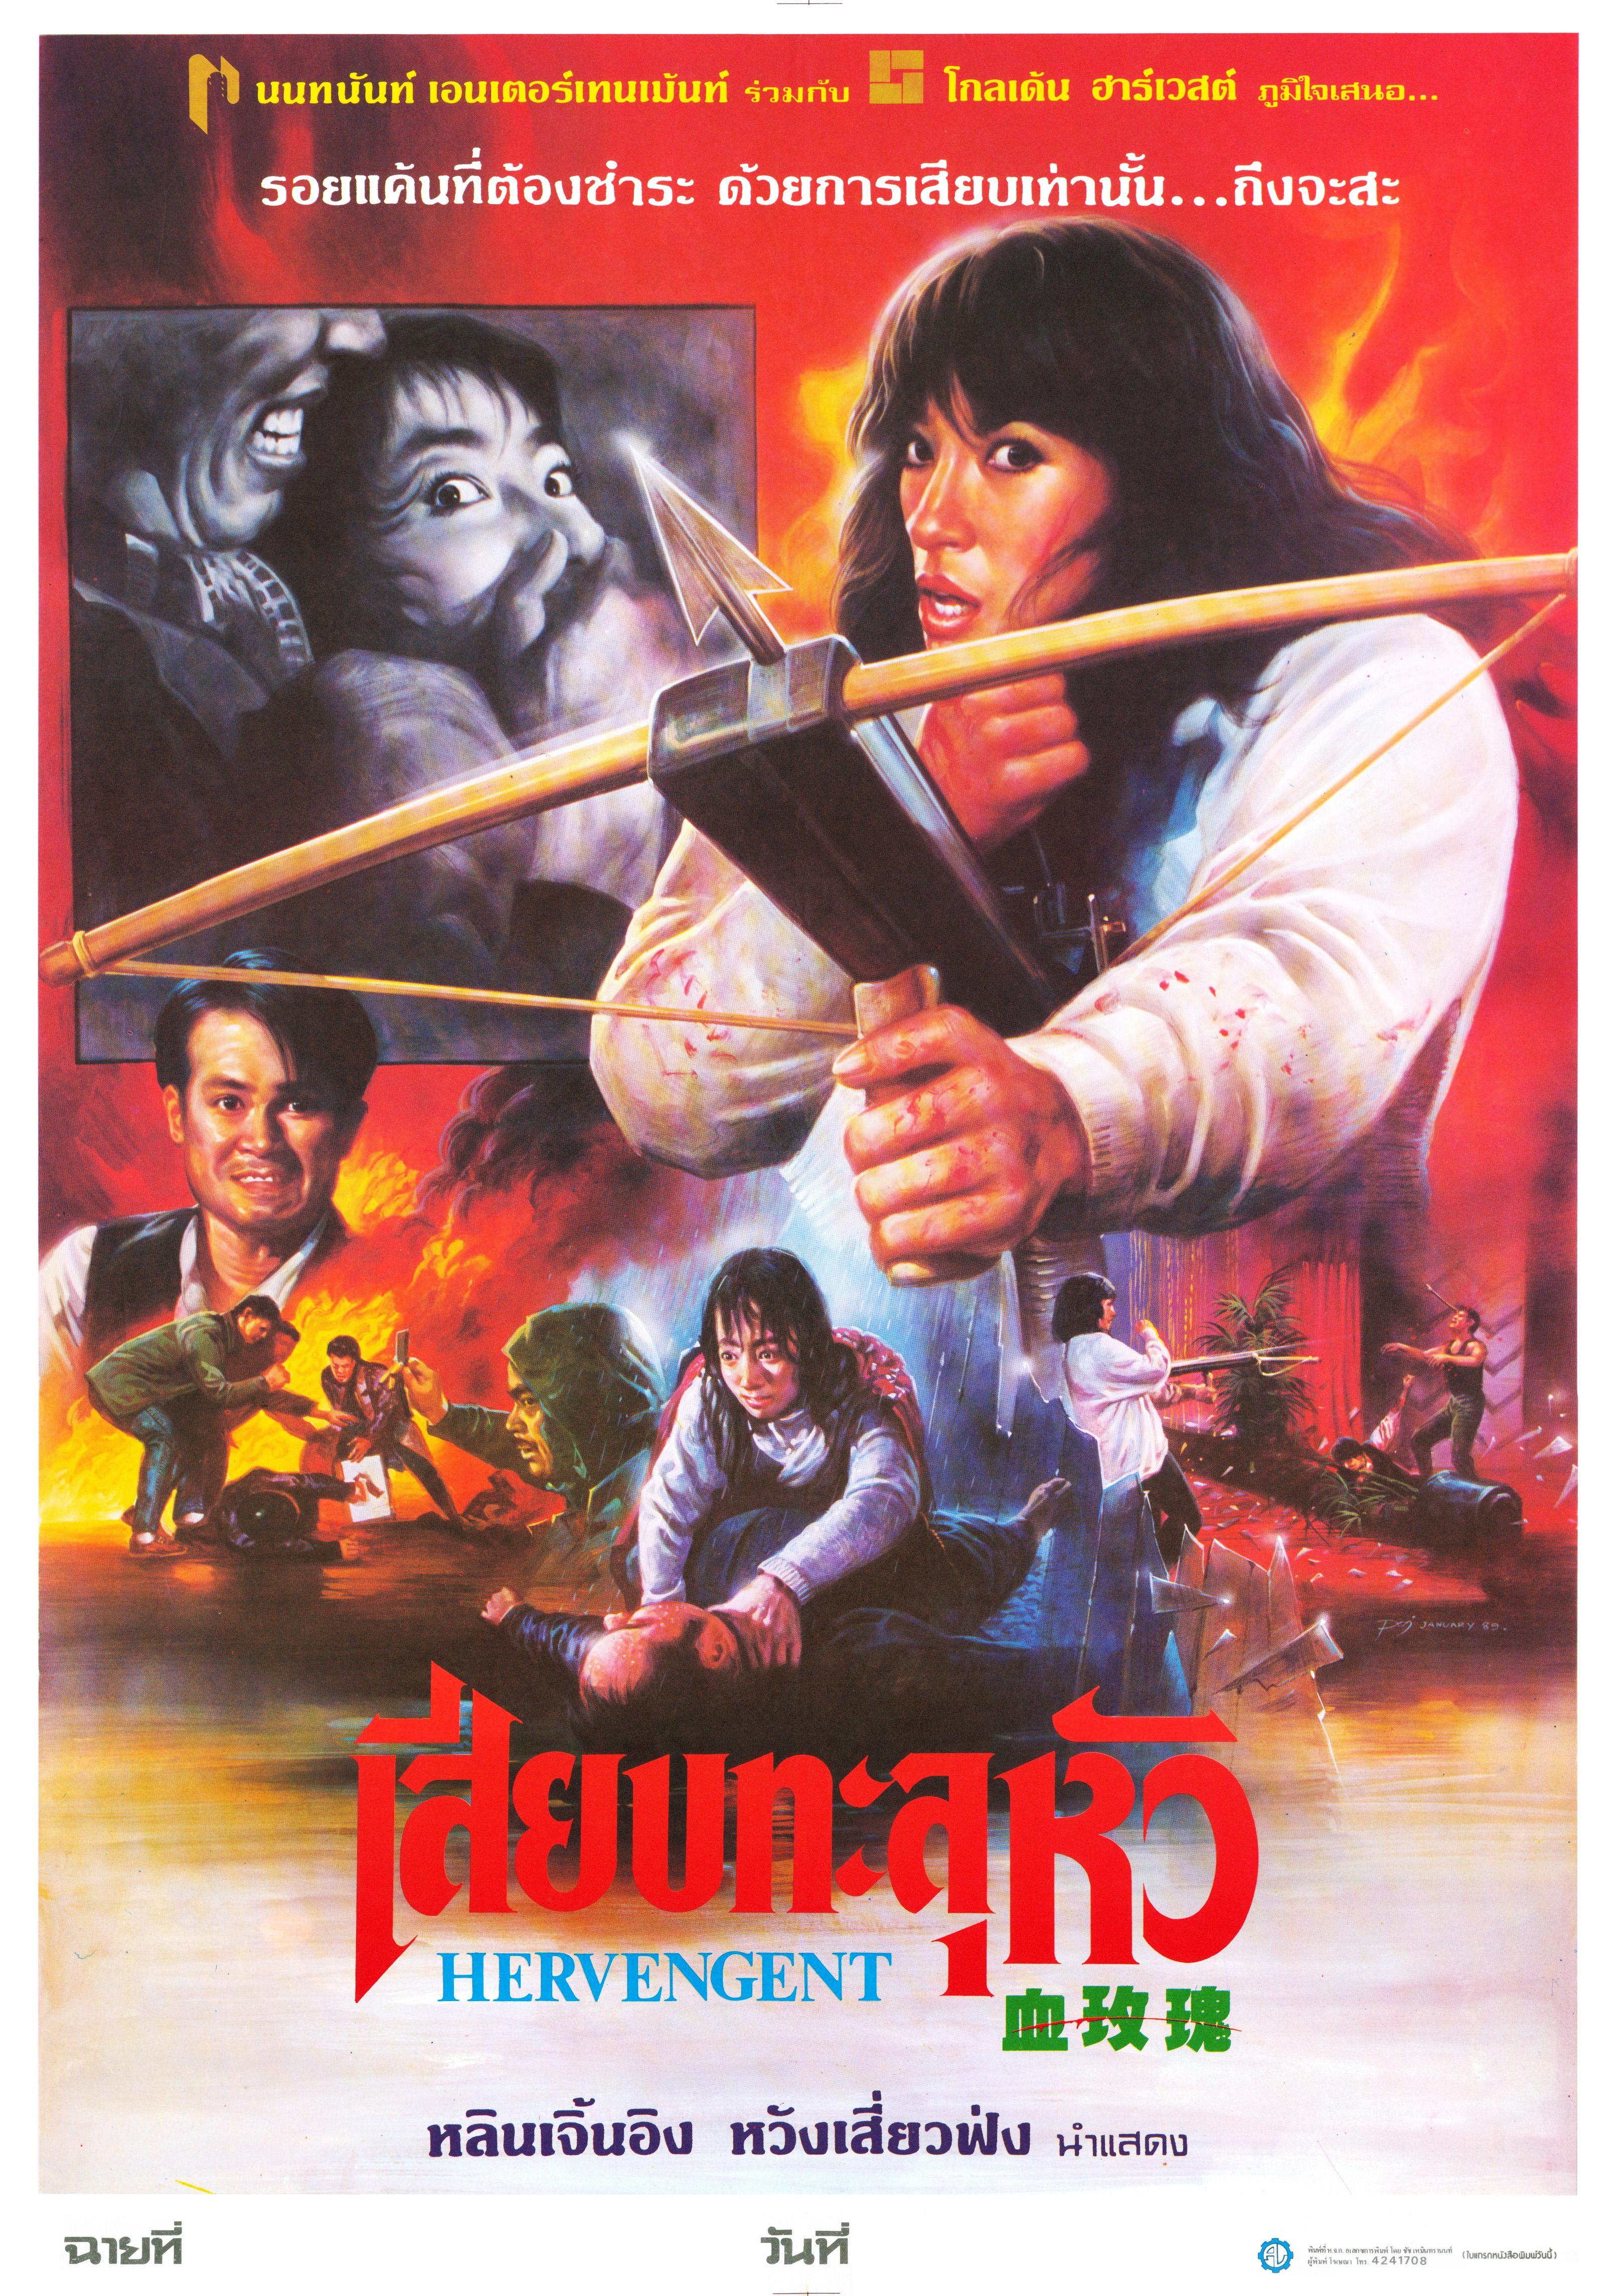 Her Vengeance (1988)